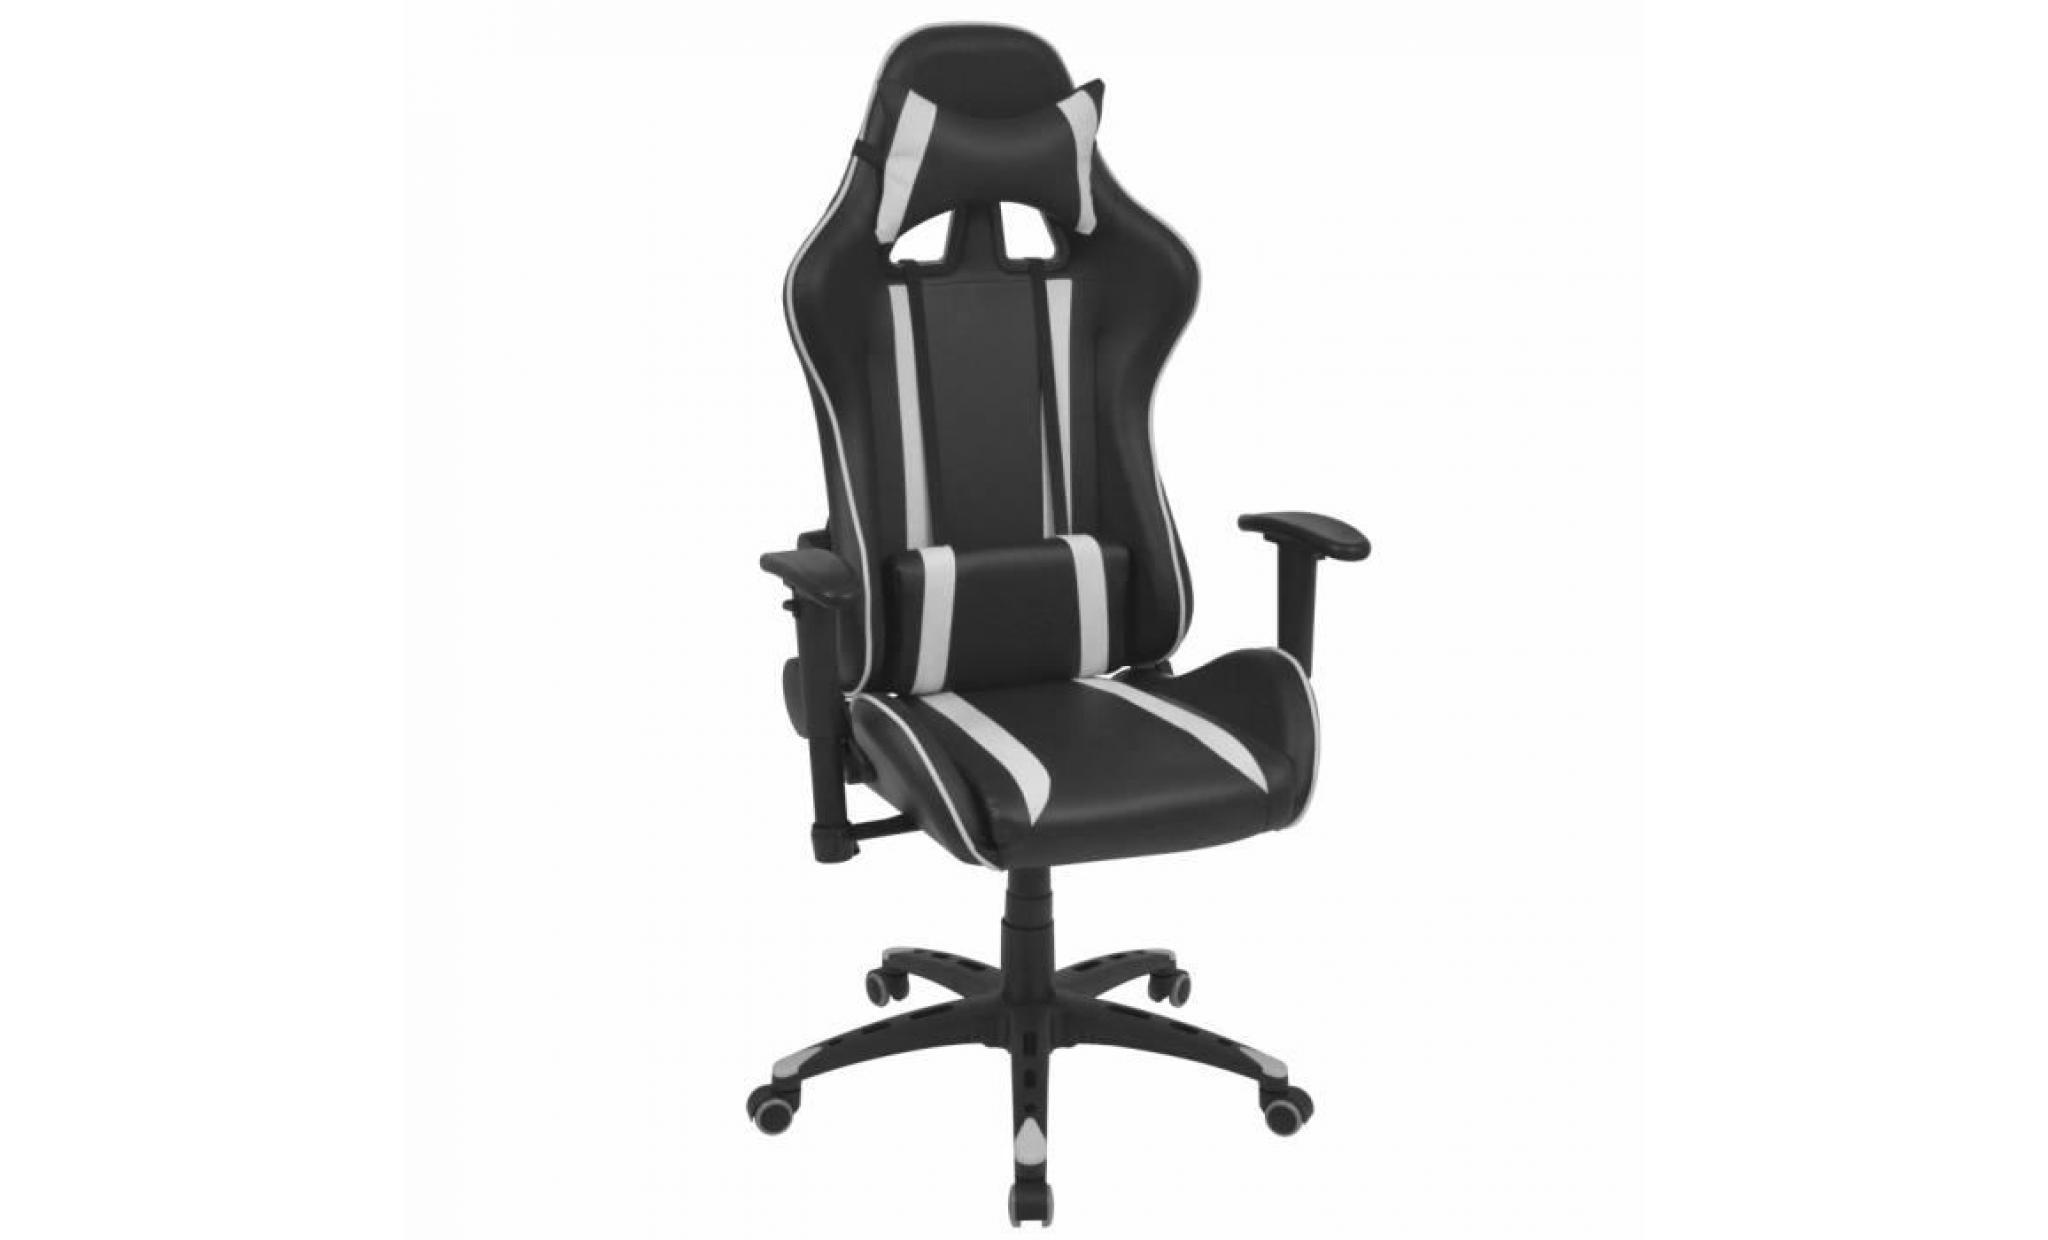 De Bureau Cuir Chaises Chaise Contemporain Inclinable Scandinave Blanc Artificiel Fauteuil jL4RA35